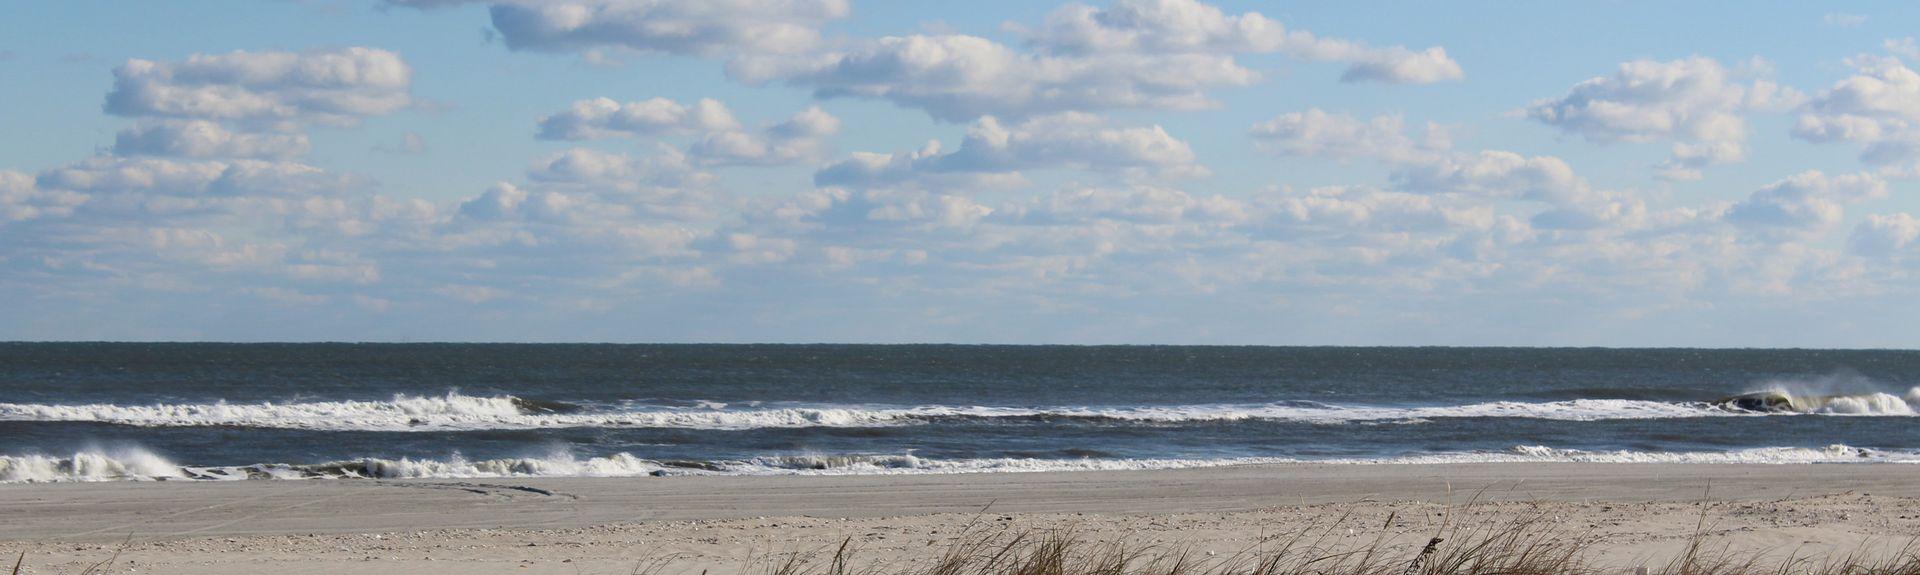 South End, Ocean City, New Jersey, États-Unis d'Amérique